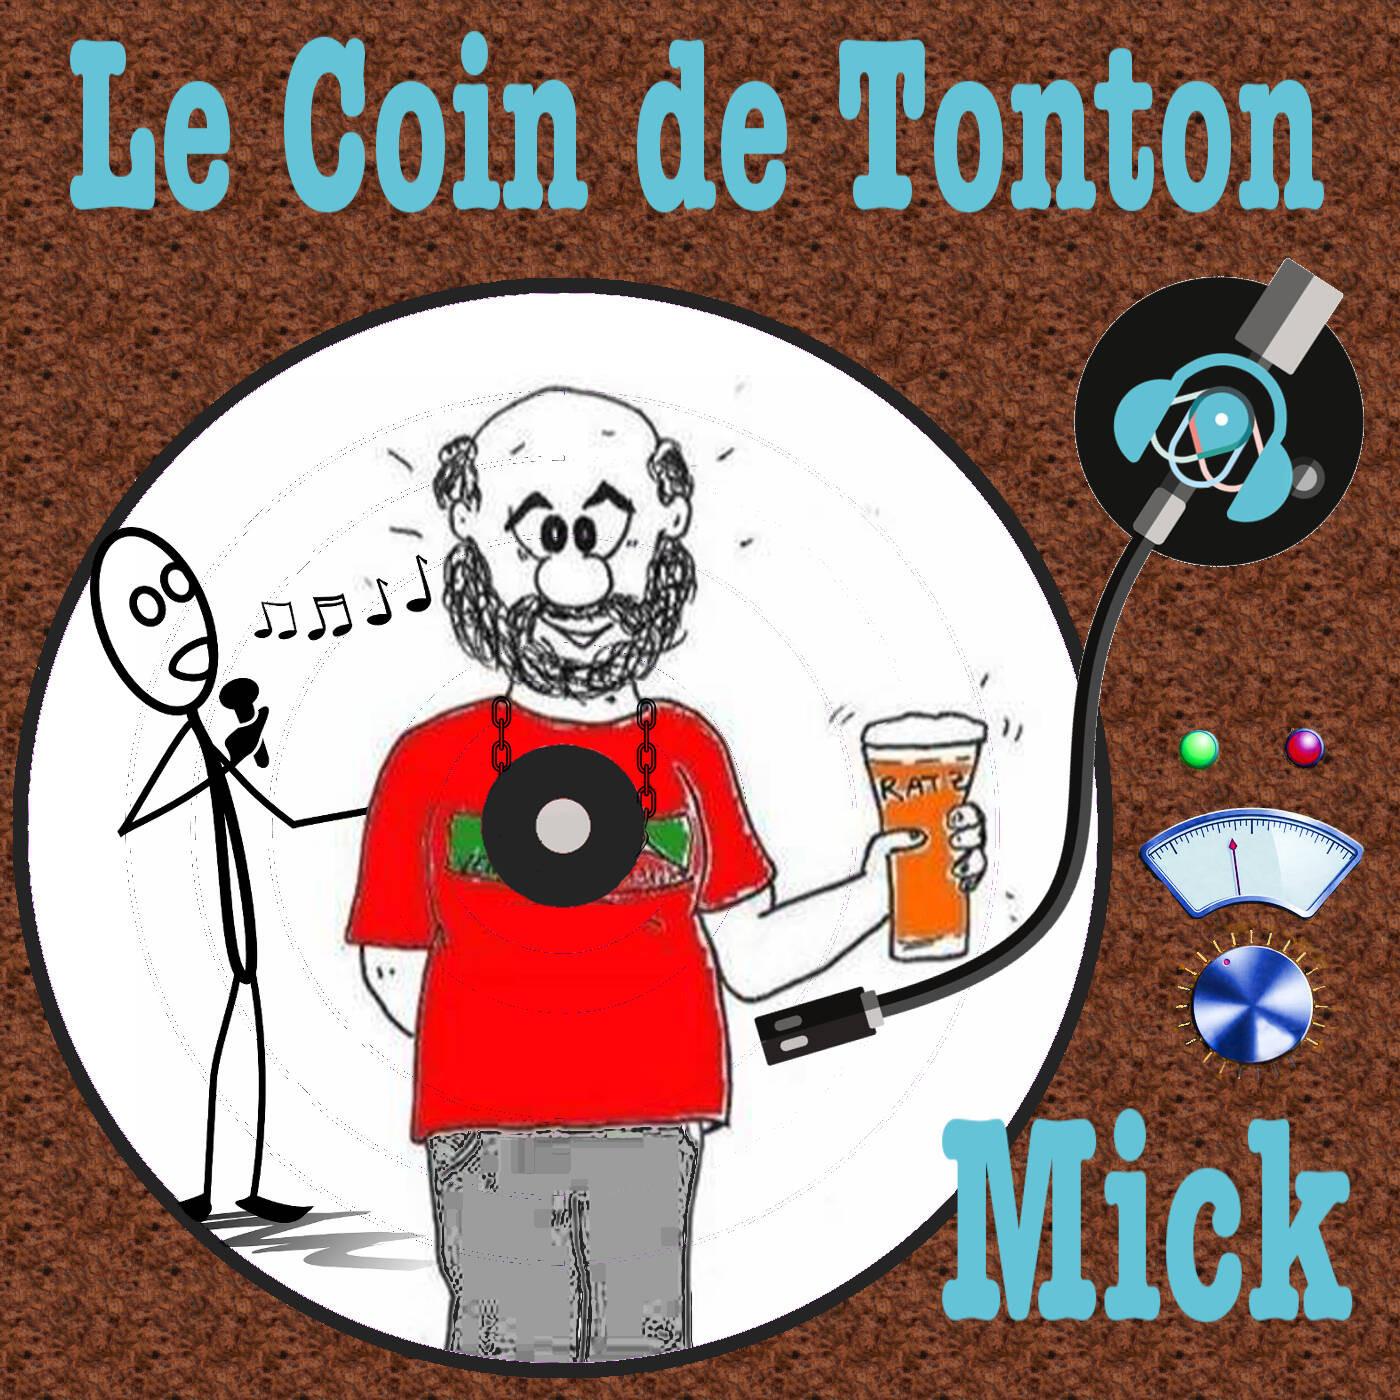 LE COIN DE TONTON MICK S1E3 - Artiste - Barbara Weldens part 1